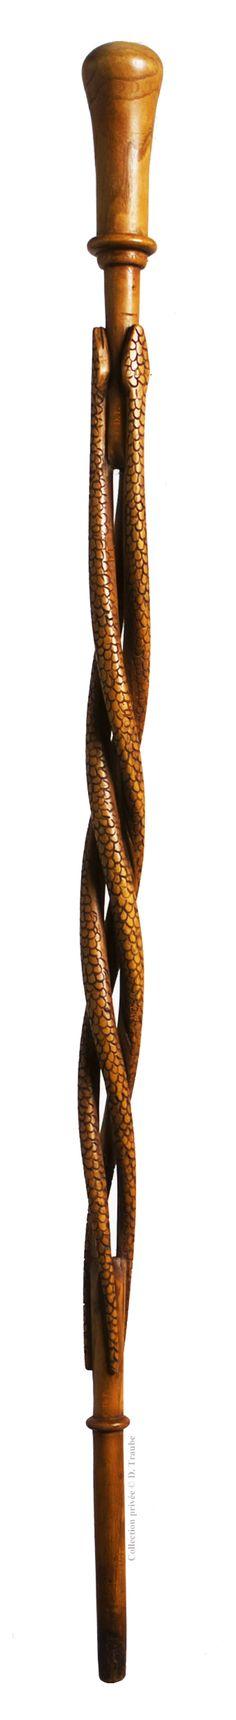 Canne Art Populaire monoxyle - Trois serpents en spirale ajourée - Fin XIXème siècle.